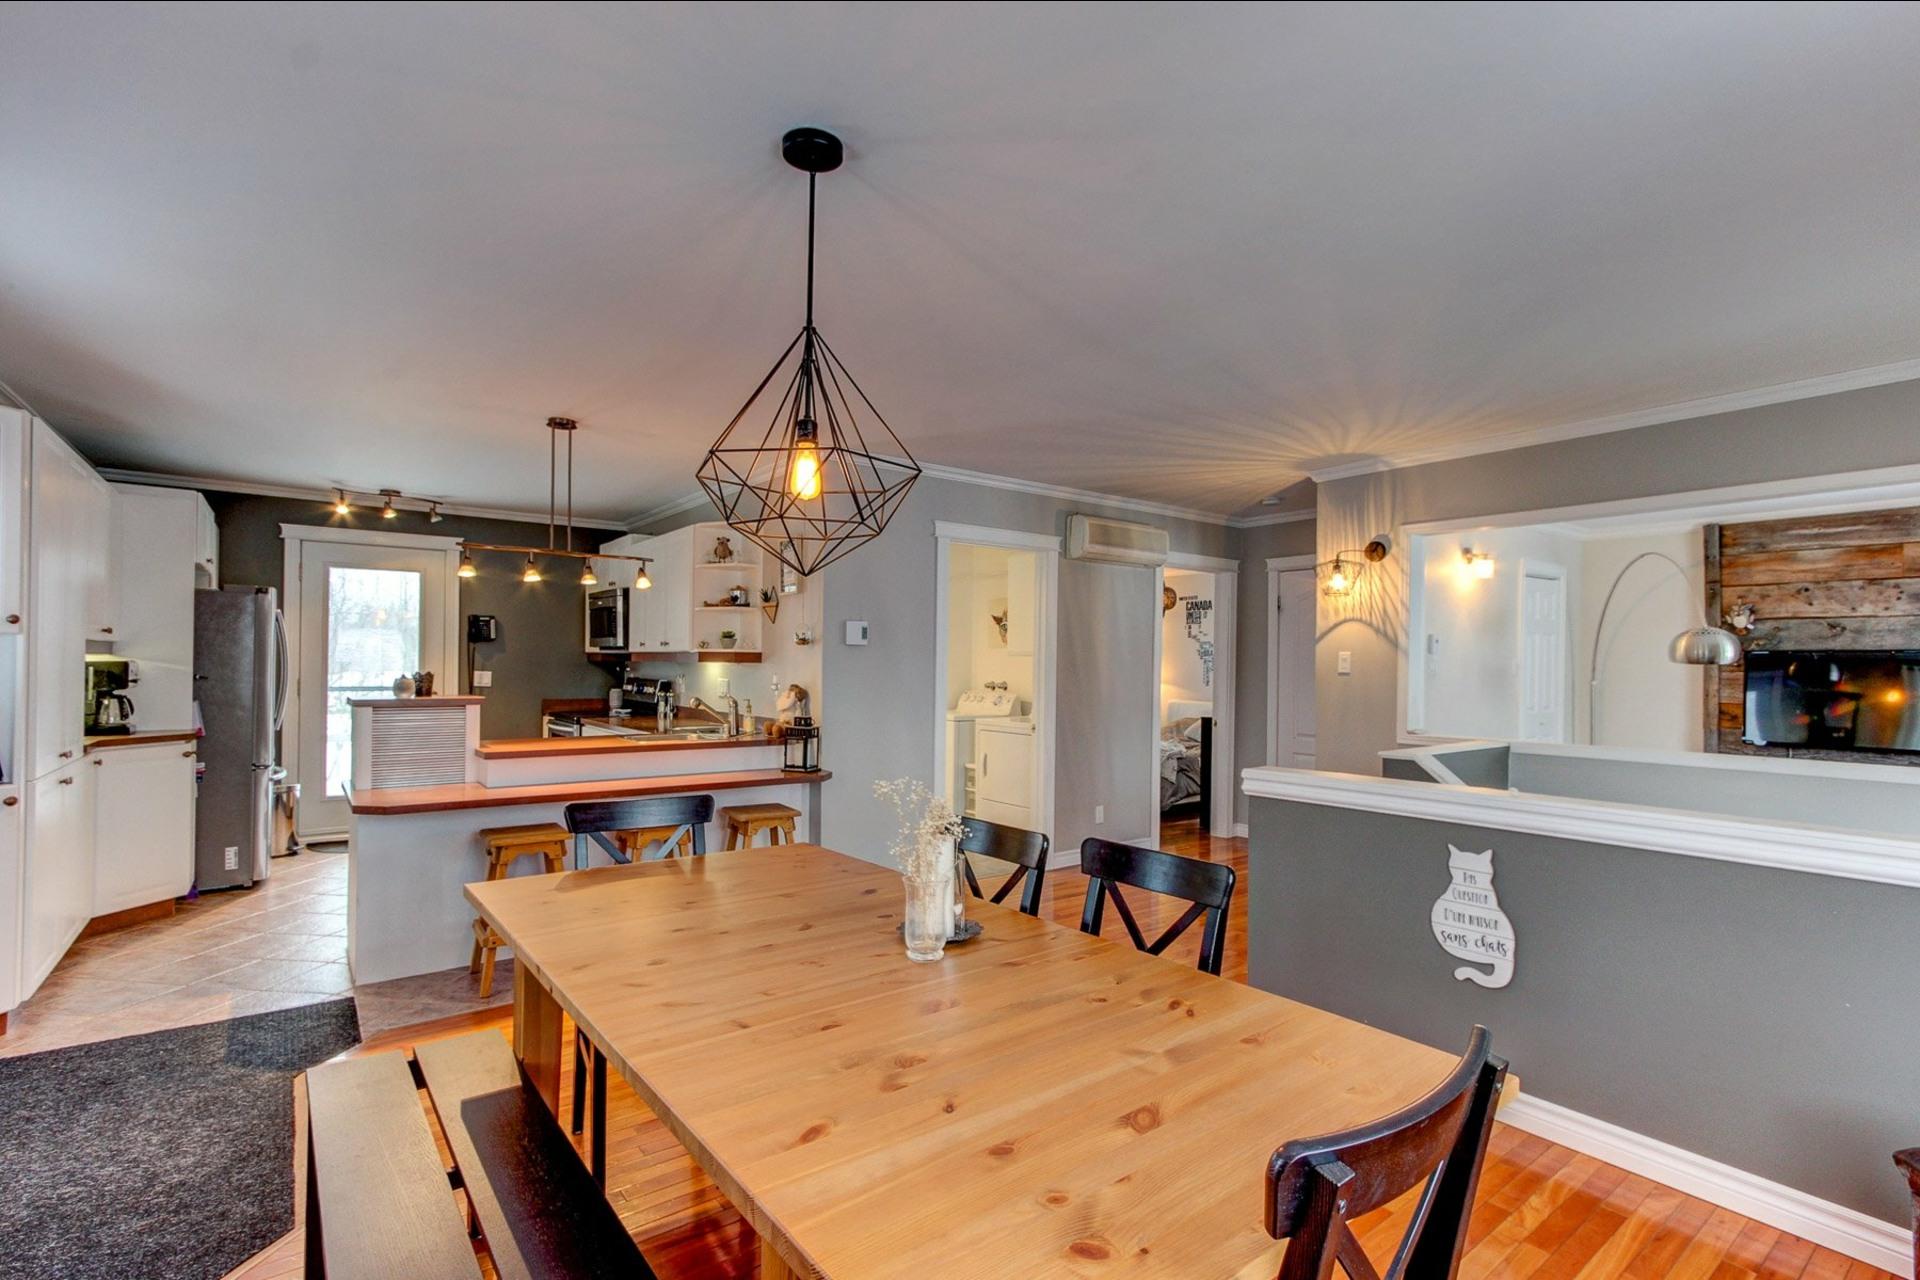 image 4 - Maison À vendre Trois-Rivières - 9 pièces